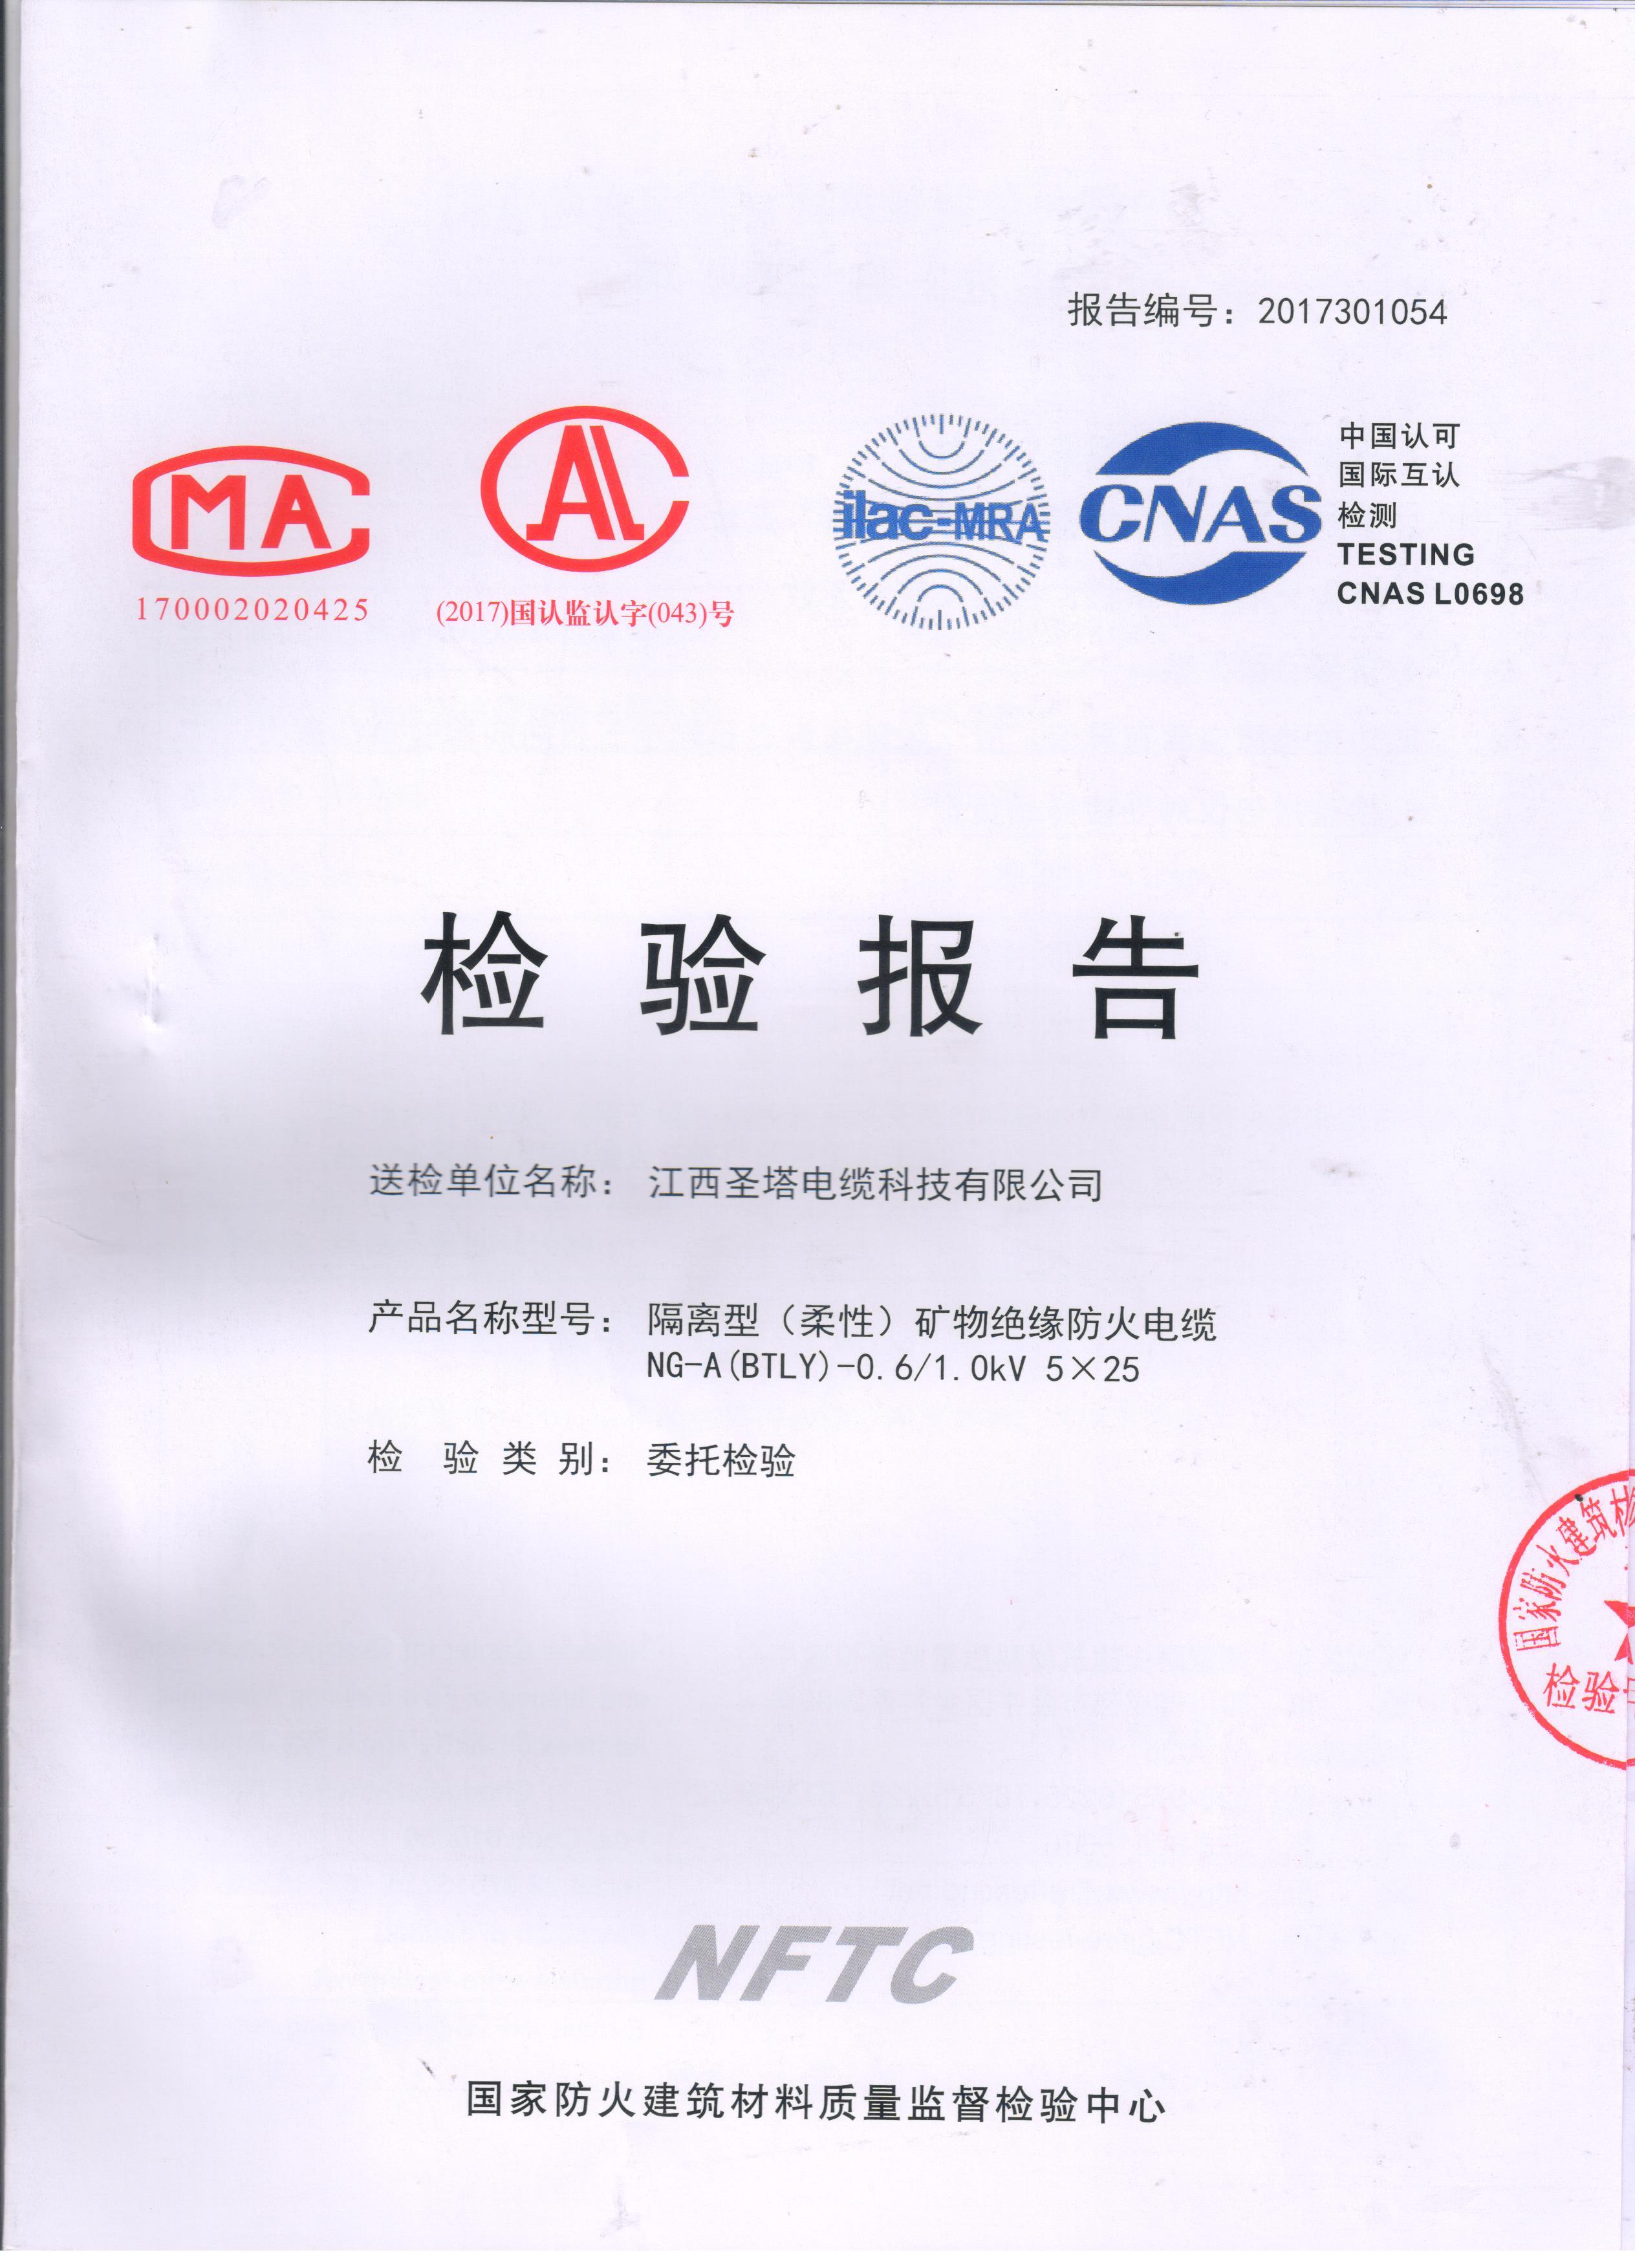 NG-A(BTLY)检测陈述1 001.jpg